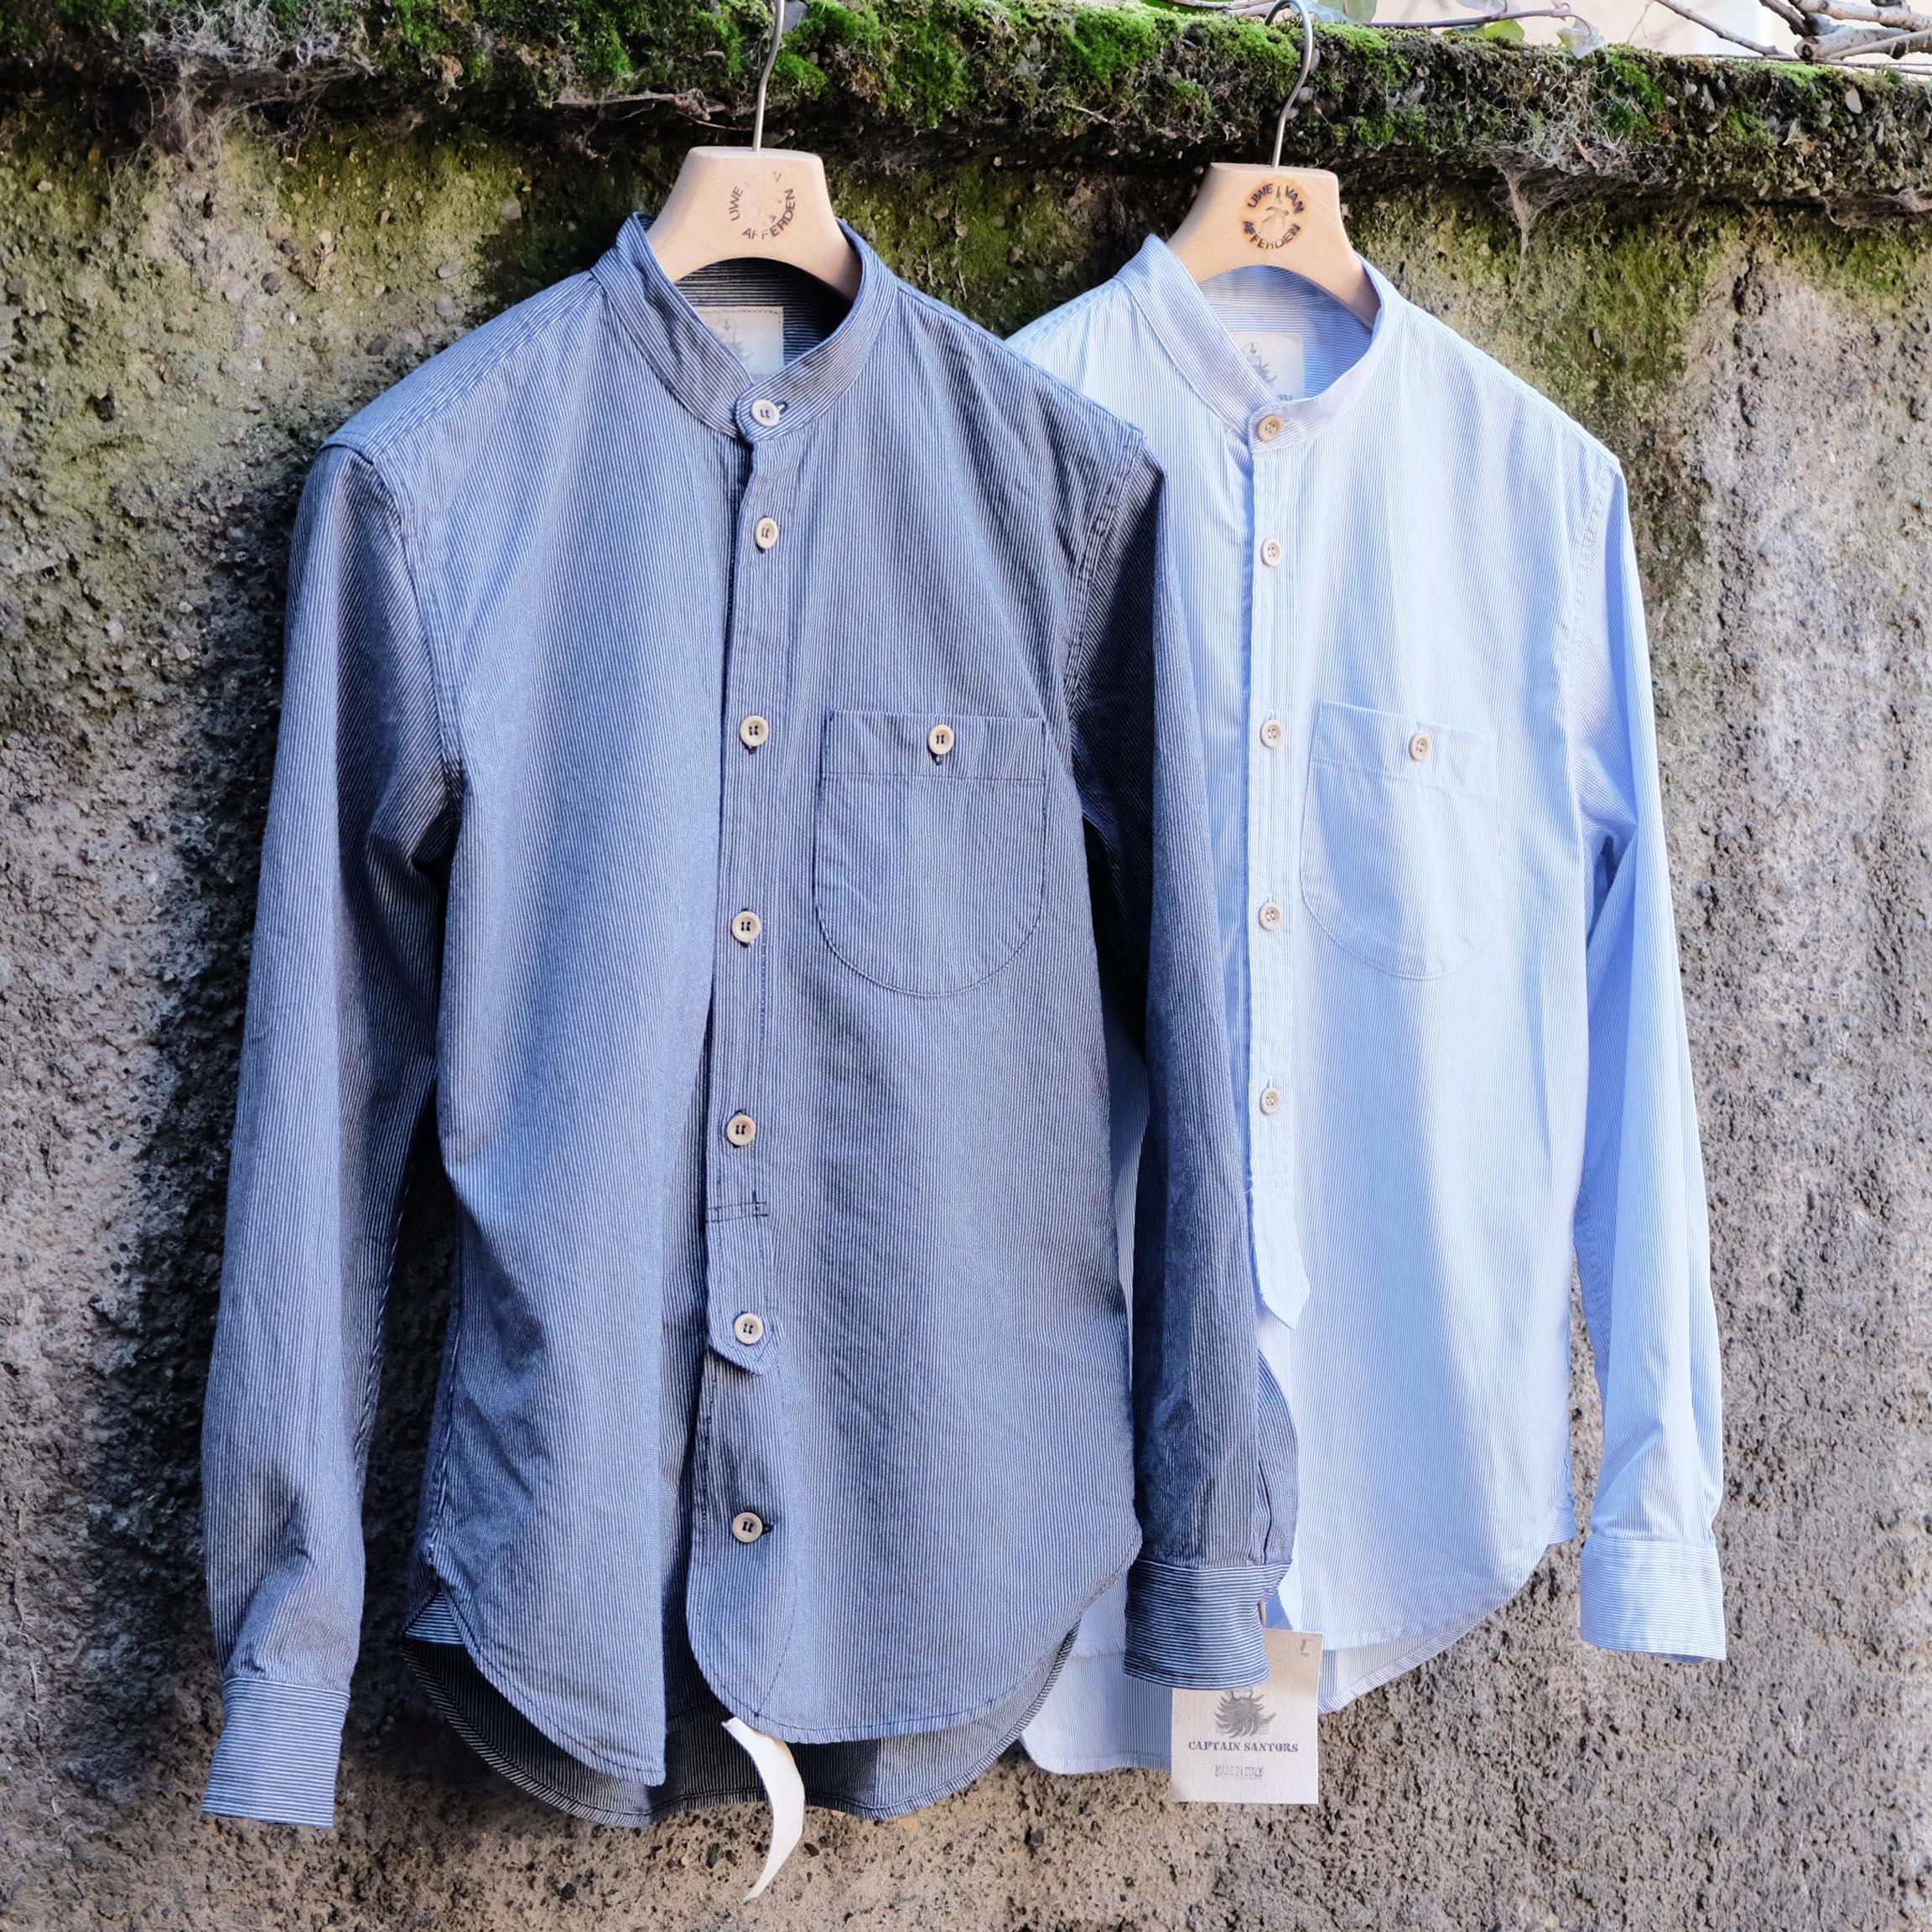 captainsantors-hemden-blau-fruehling-01